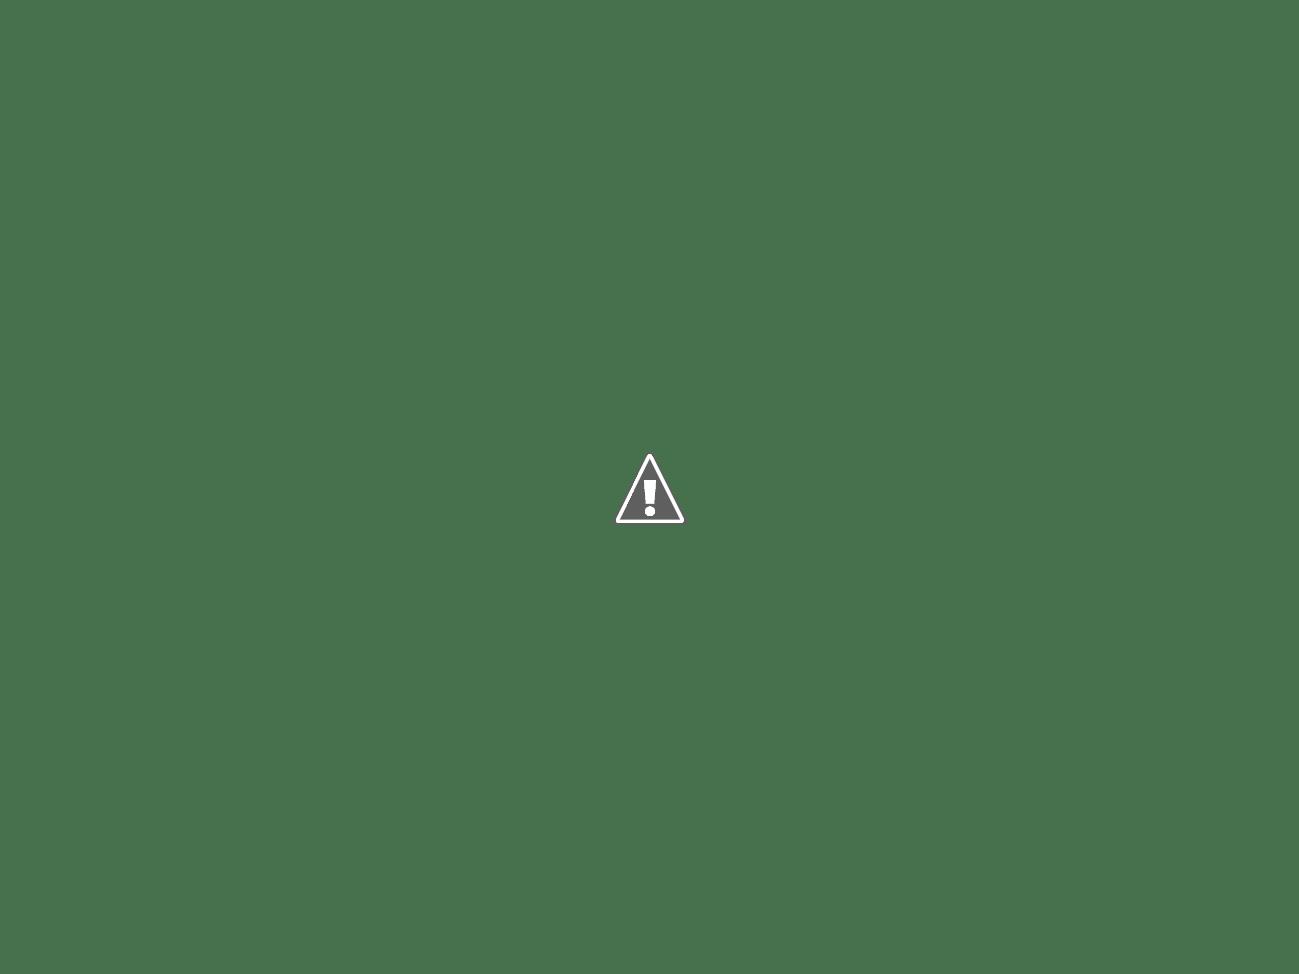 Szent Vér temetőkápolna